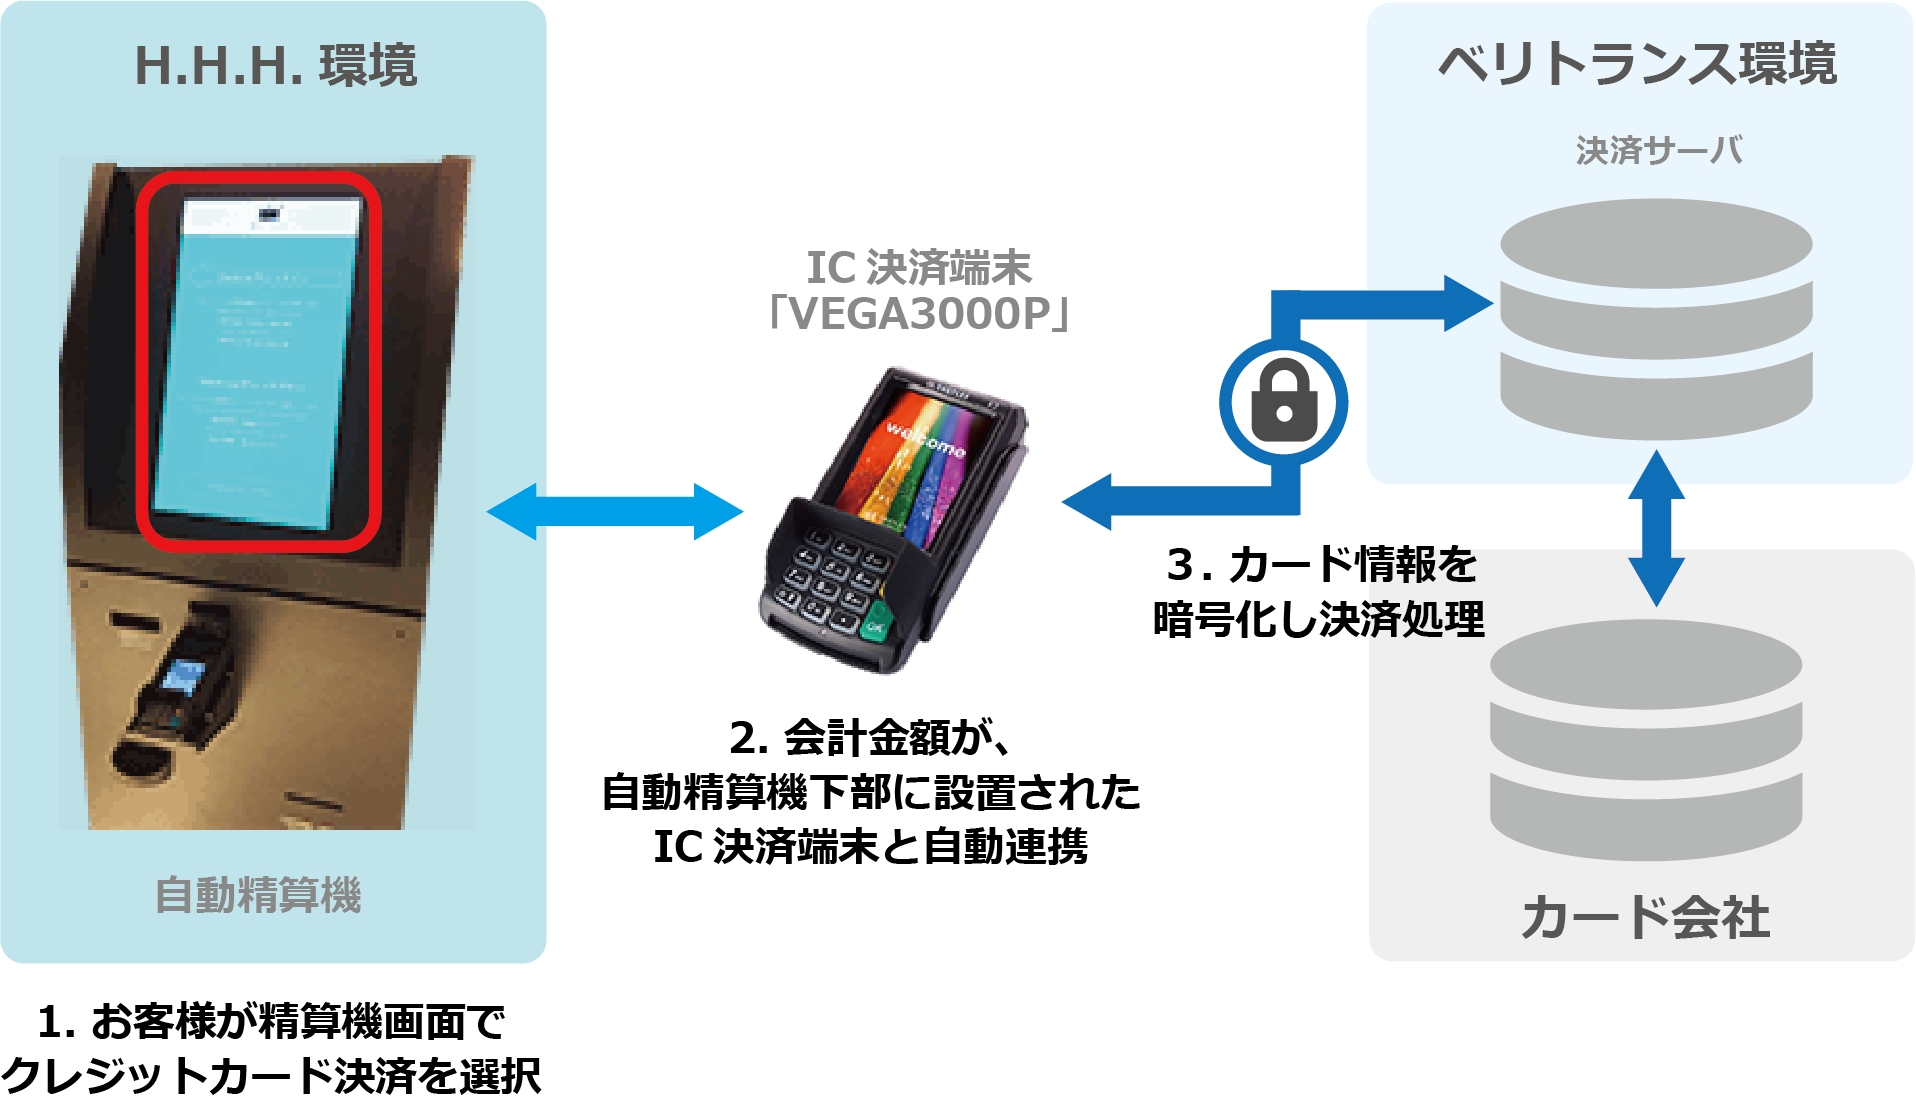 ベリトランス、クレジットカード情報の非保持化とICカード対応を実現する「オムニPAY」をH.I.Sグループ「変なホテル東京 銀座」に提供